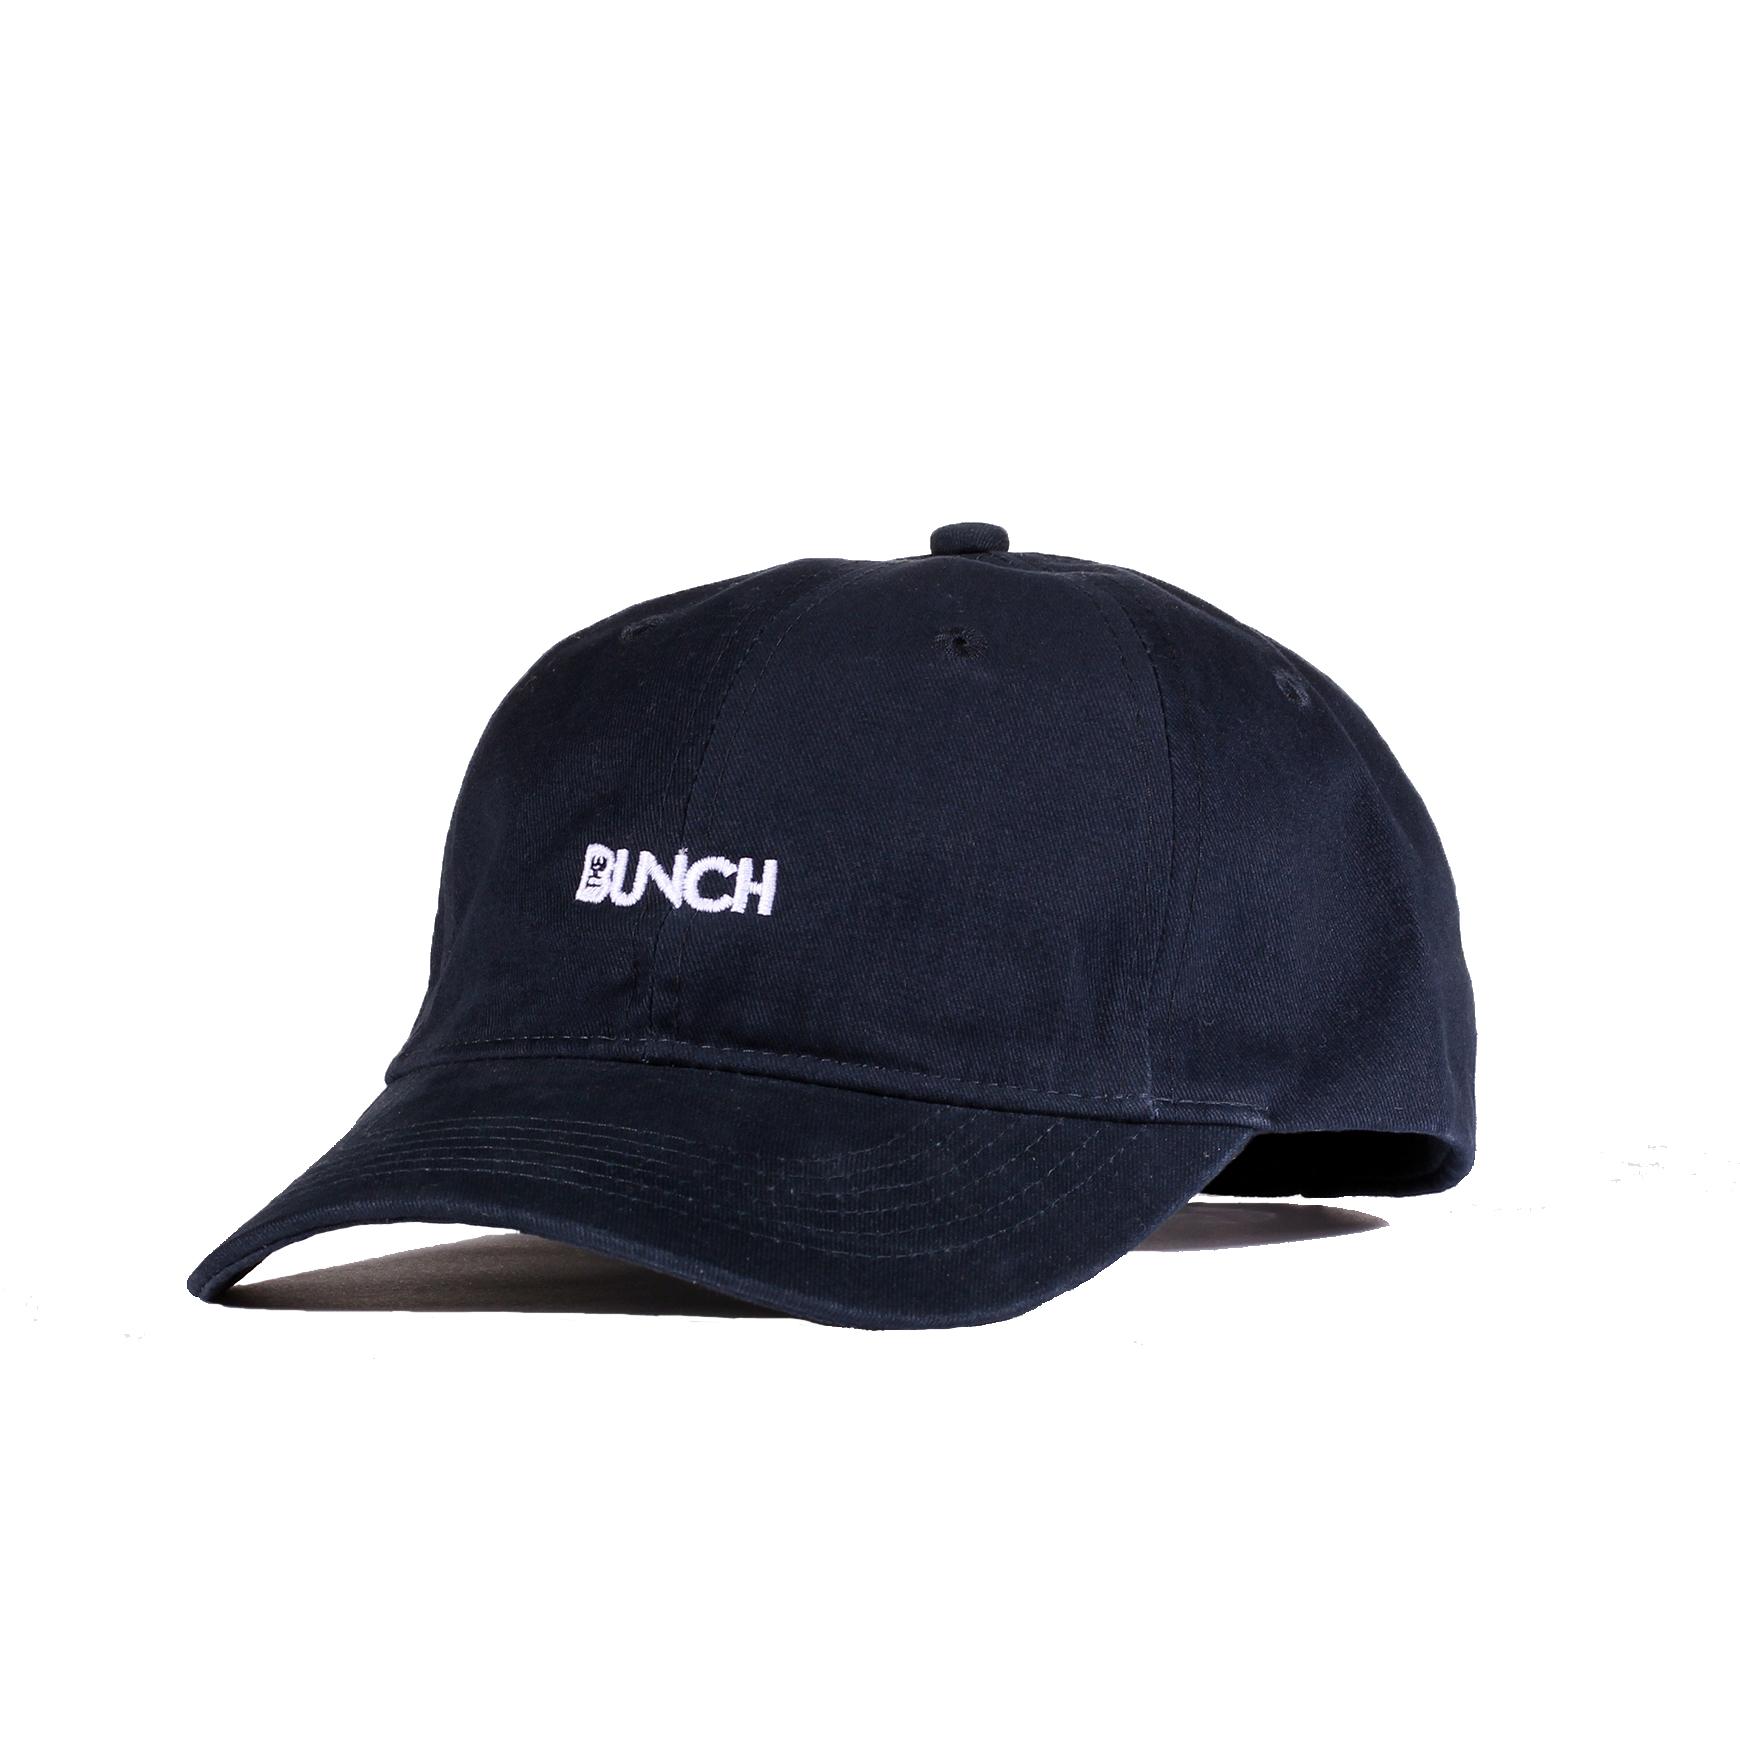 TheBunch_NavyHat_updated.jpg